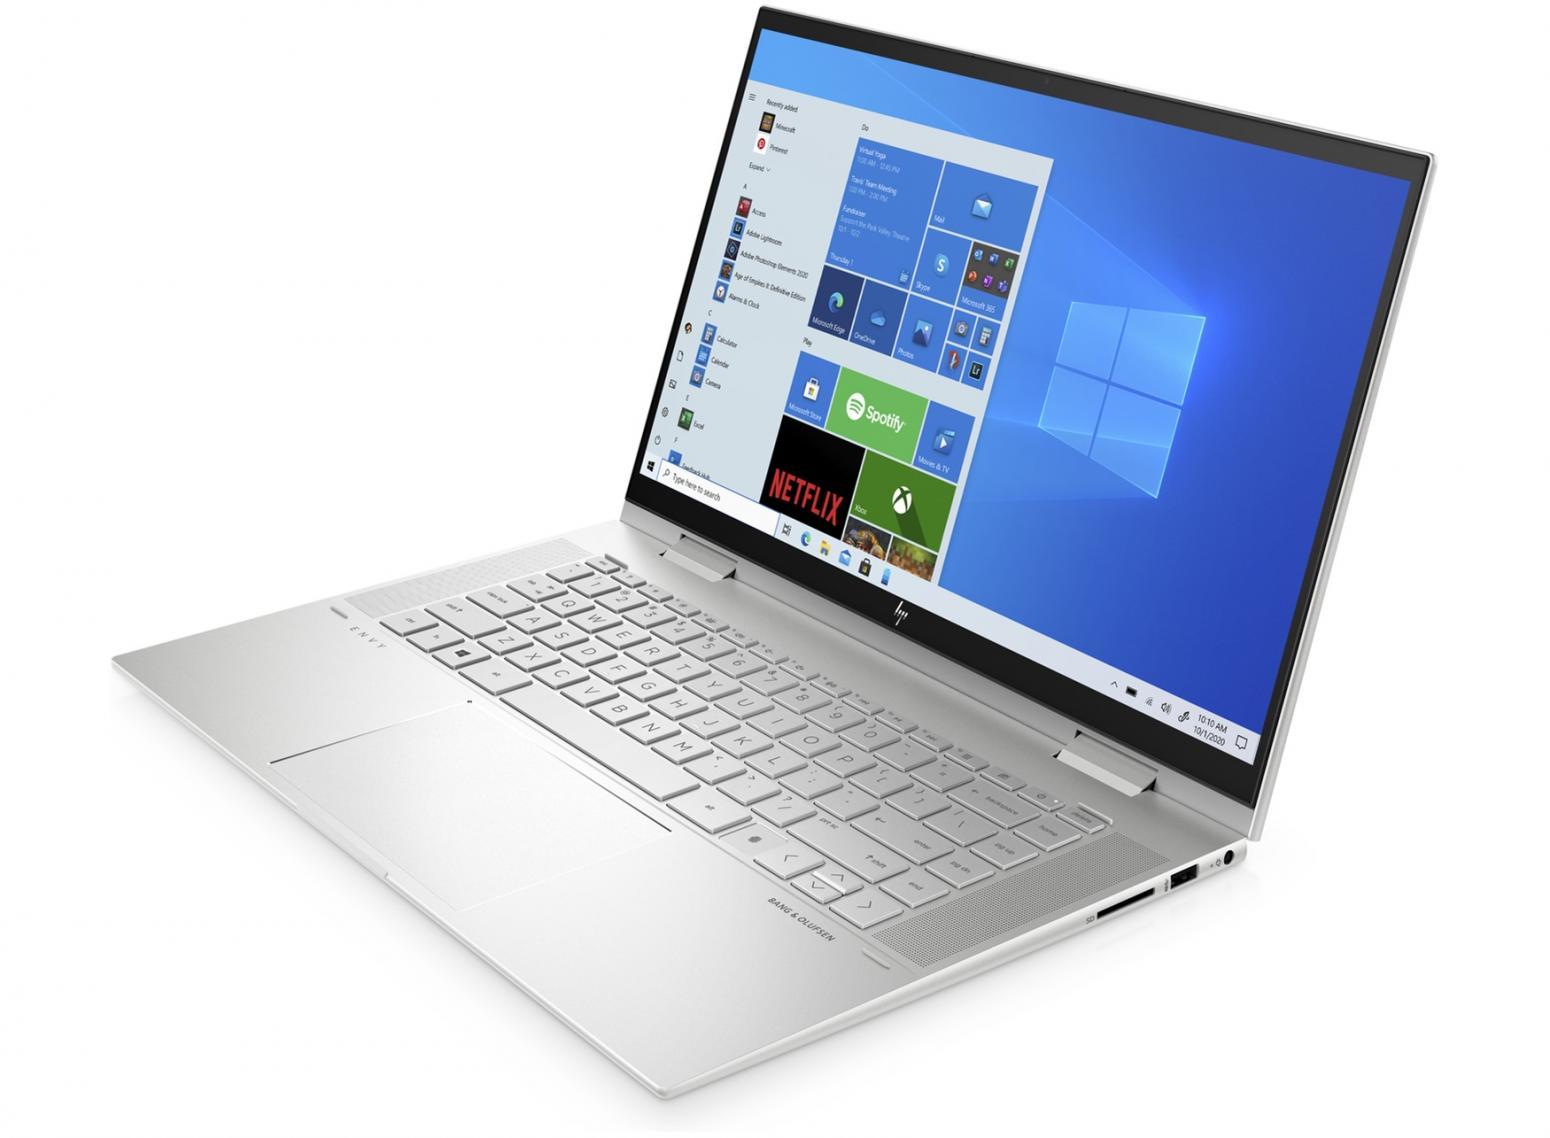 Ordinateur portable HP Envy x360 15-es0033nf Argent - Tactile - photo 4